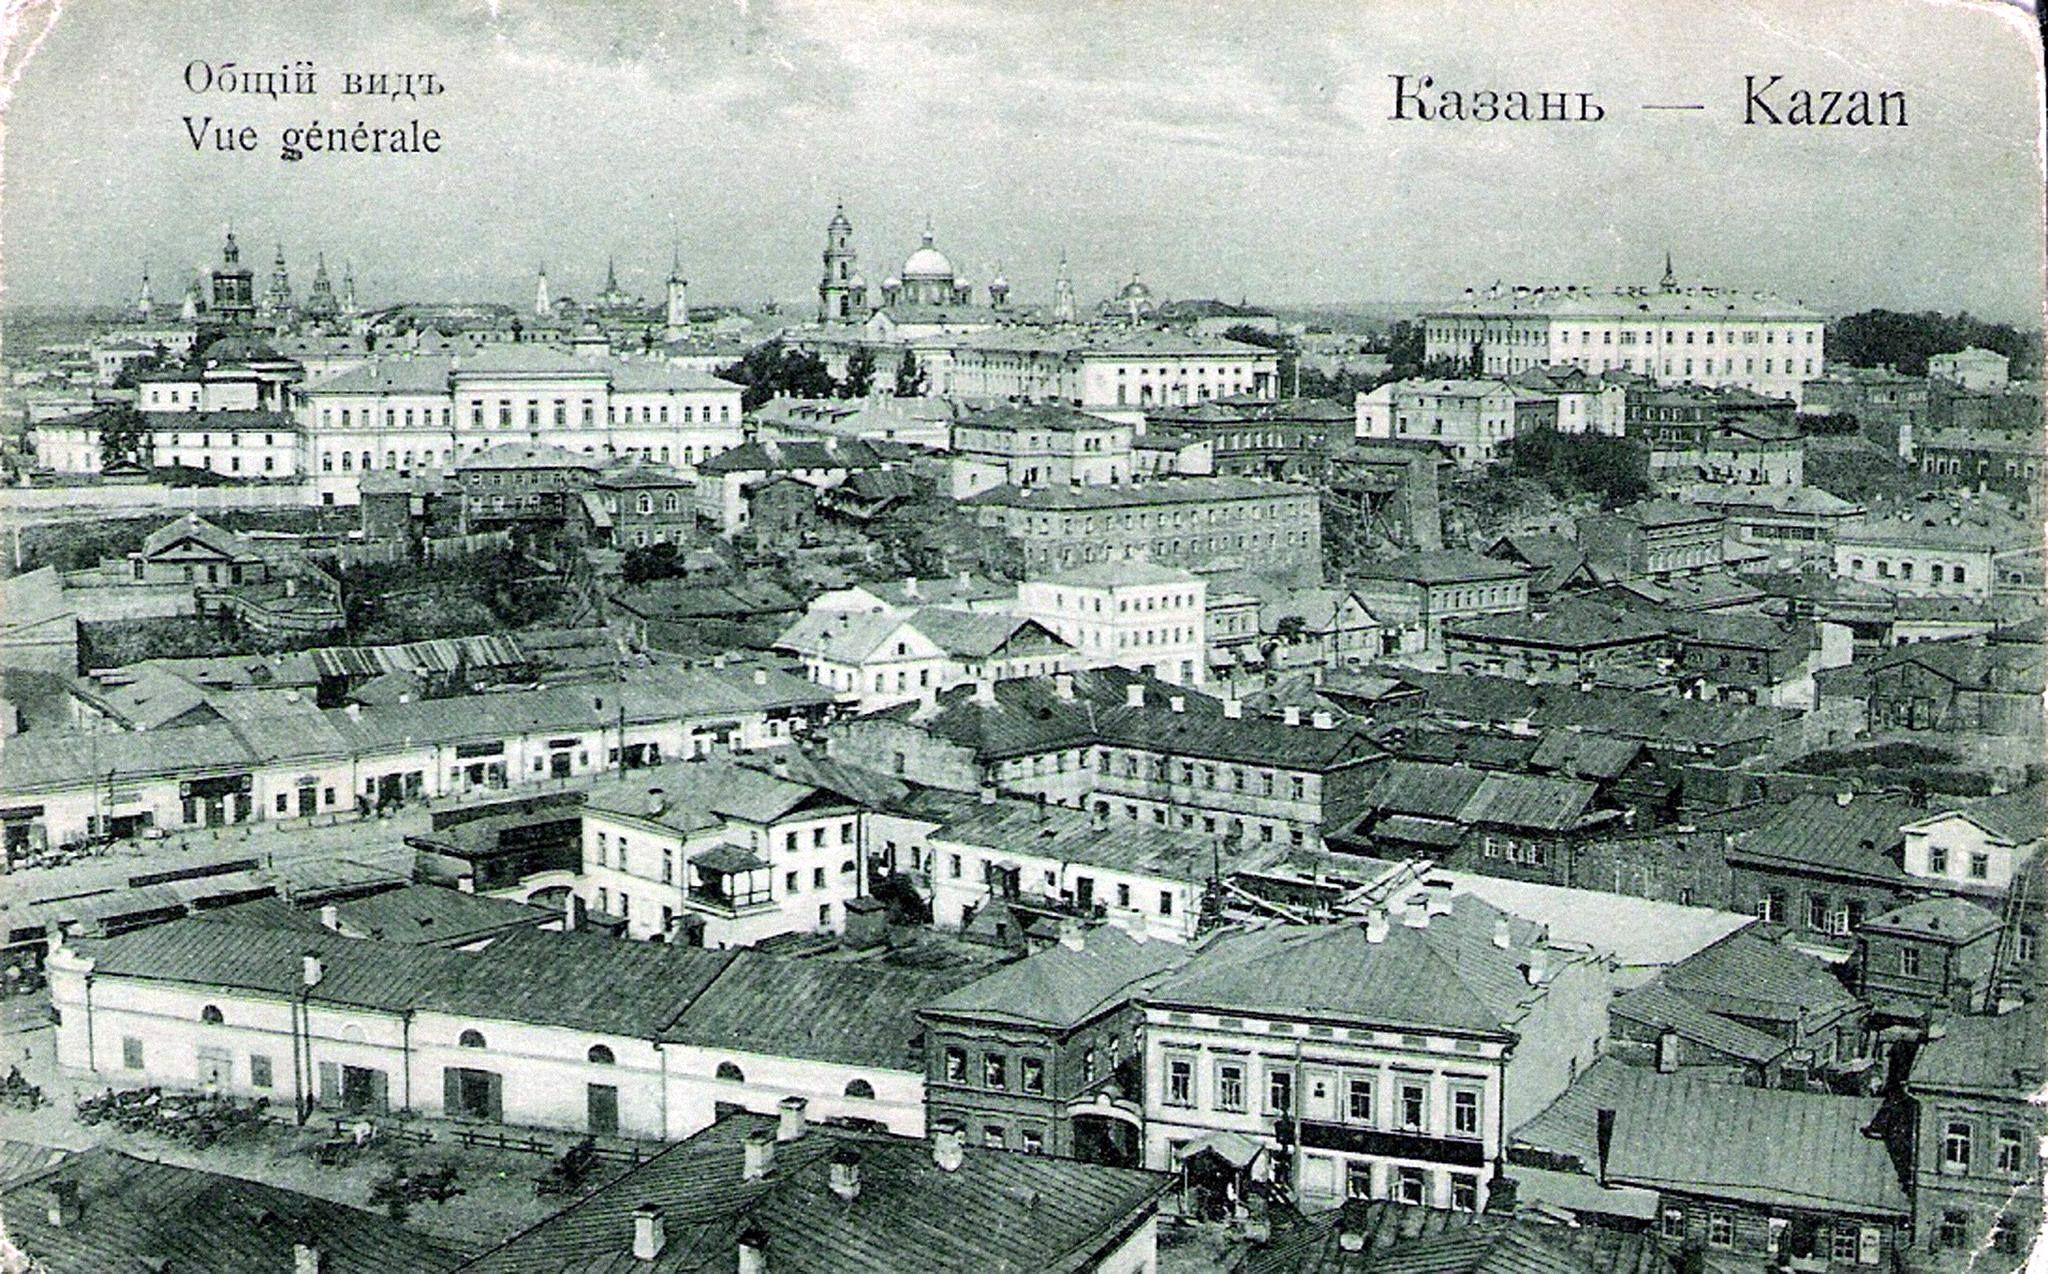 1890-е. Общий вид. Снято с пожарной каланчи